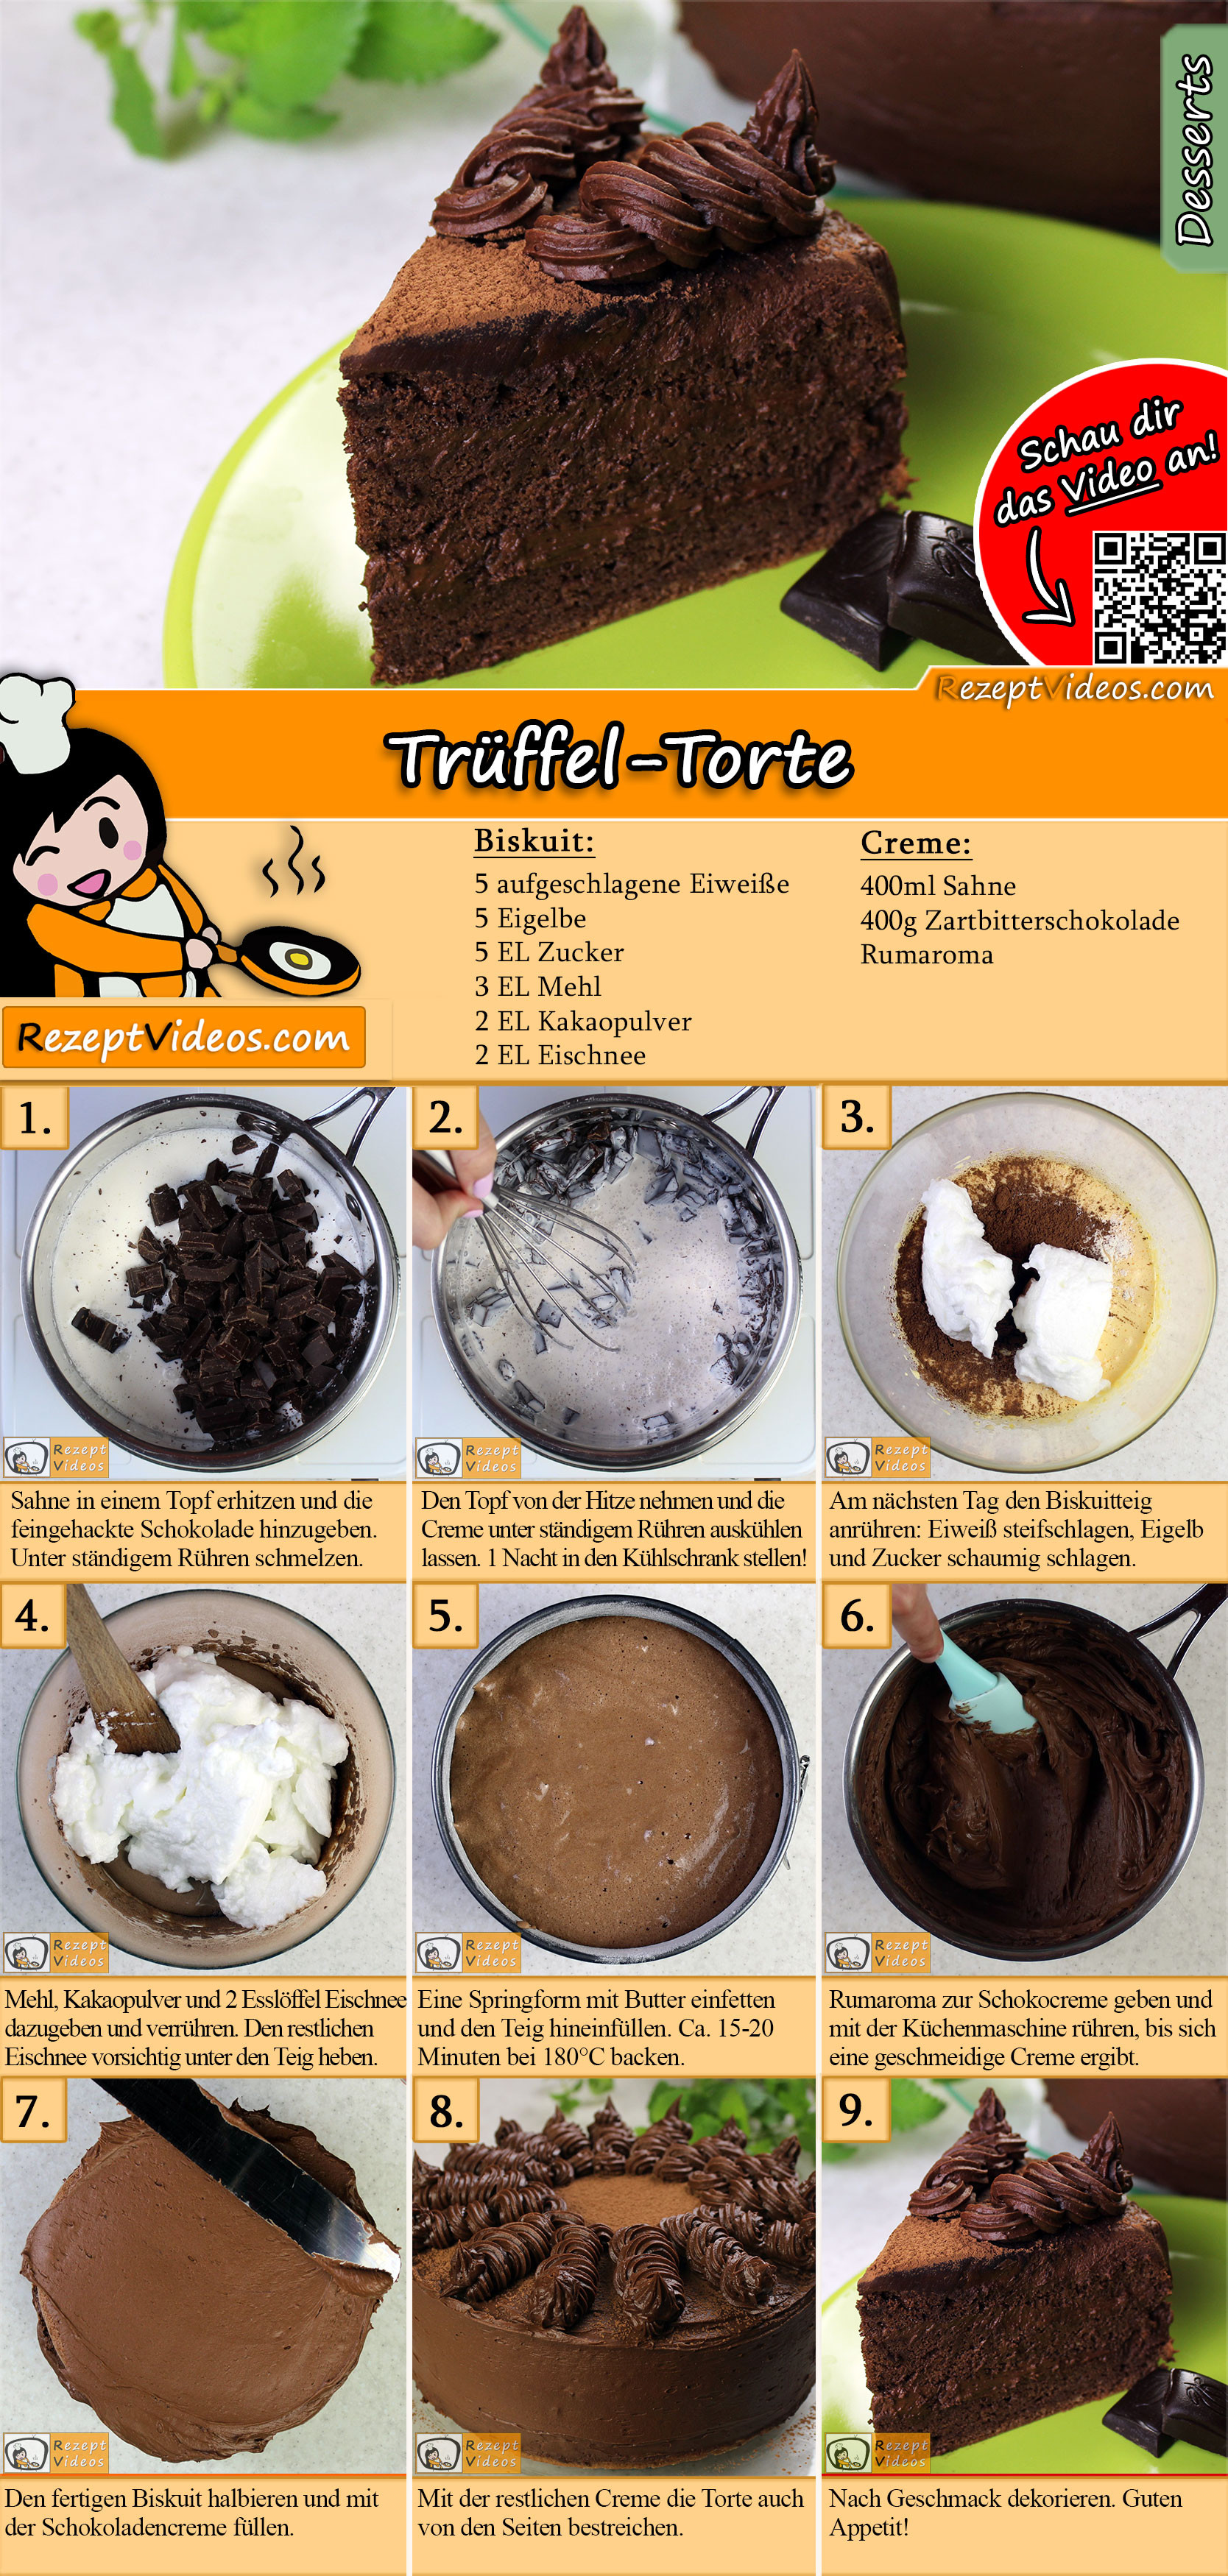 Truffel Torte Rezept Mit Video Torten Backen Leicht Gemacht